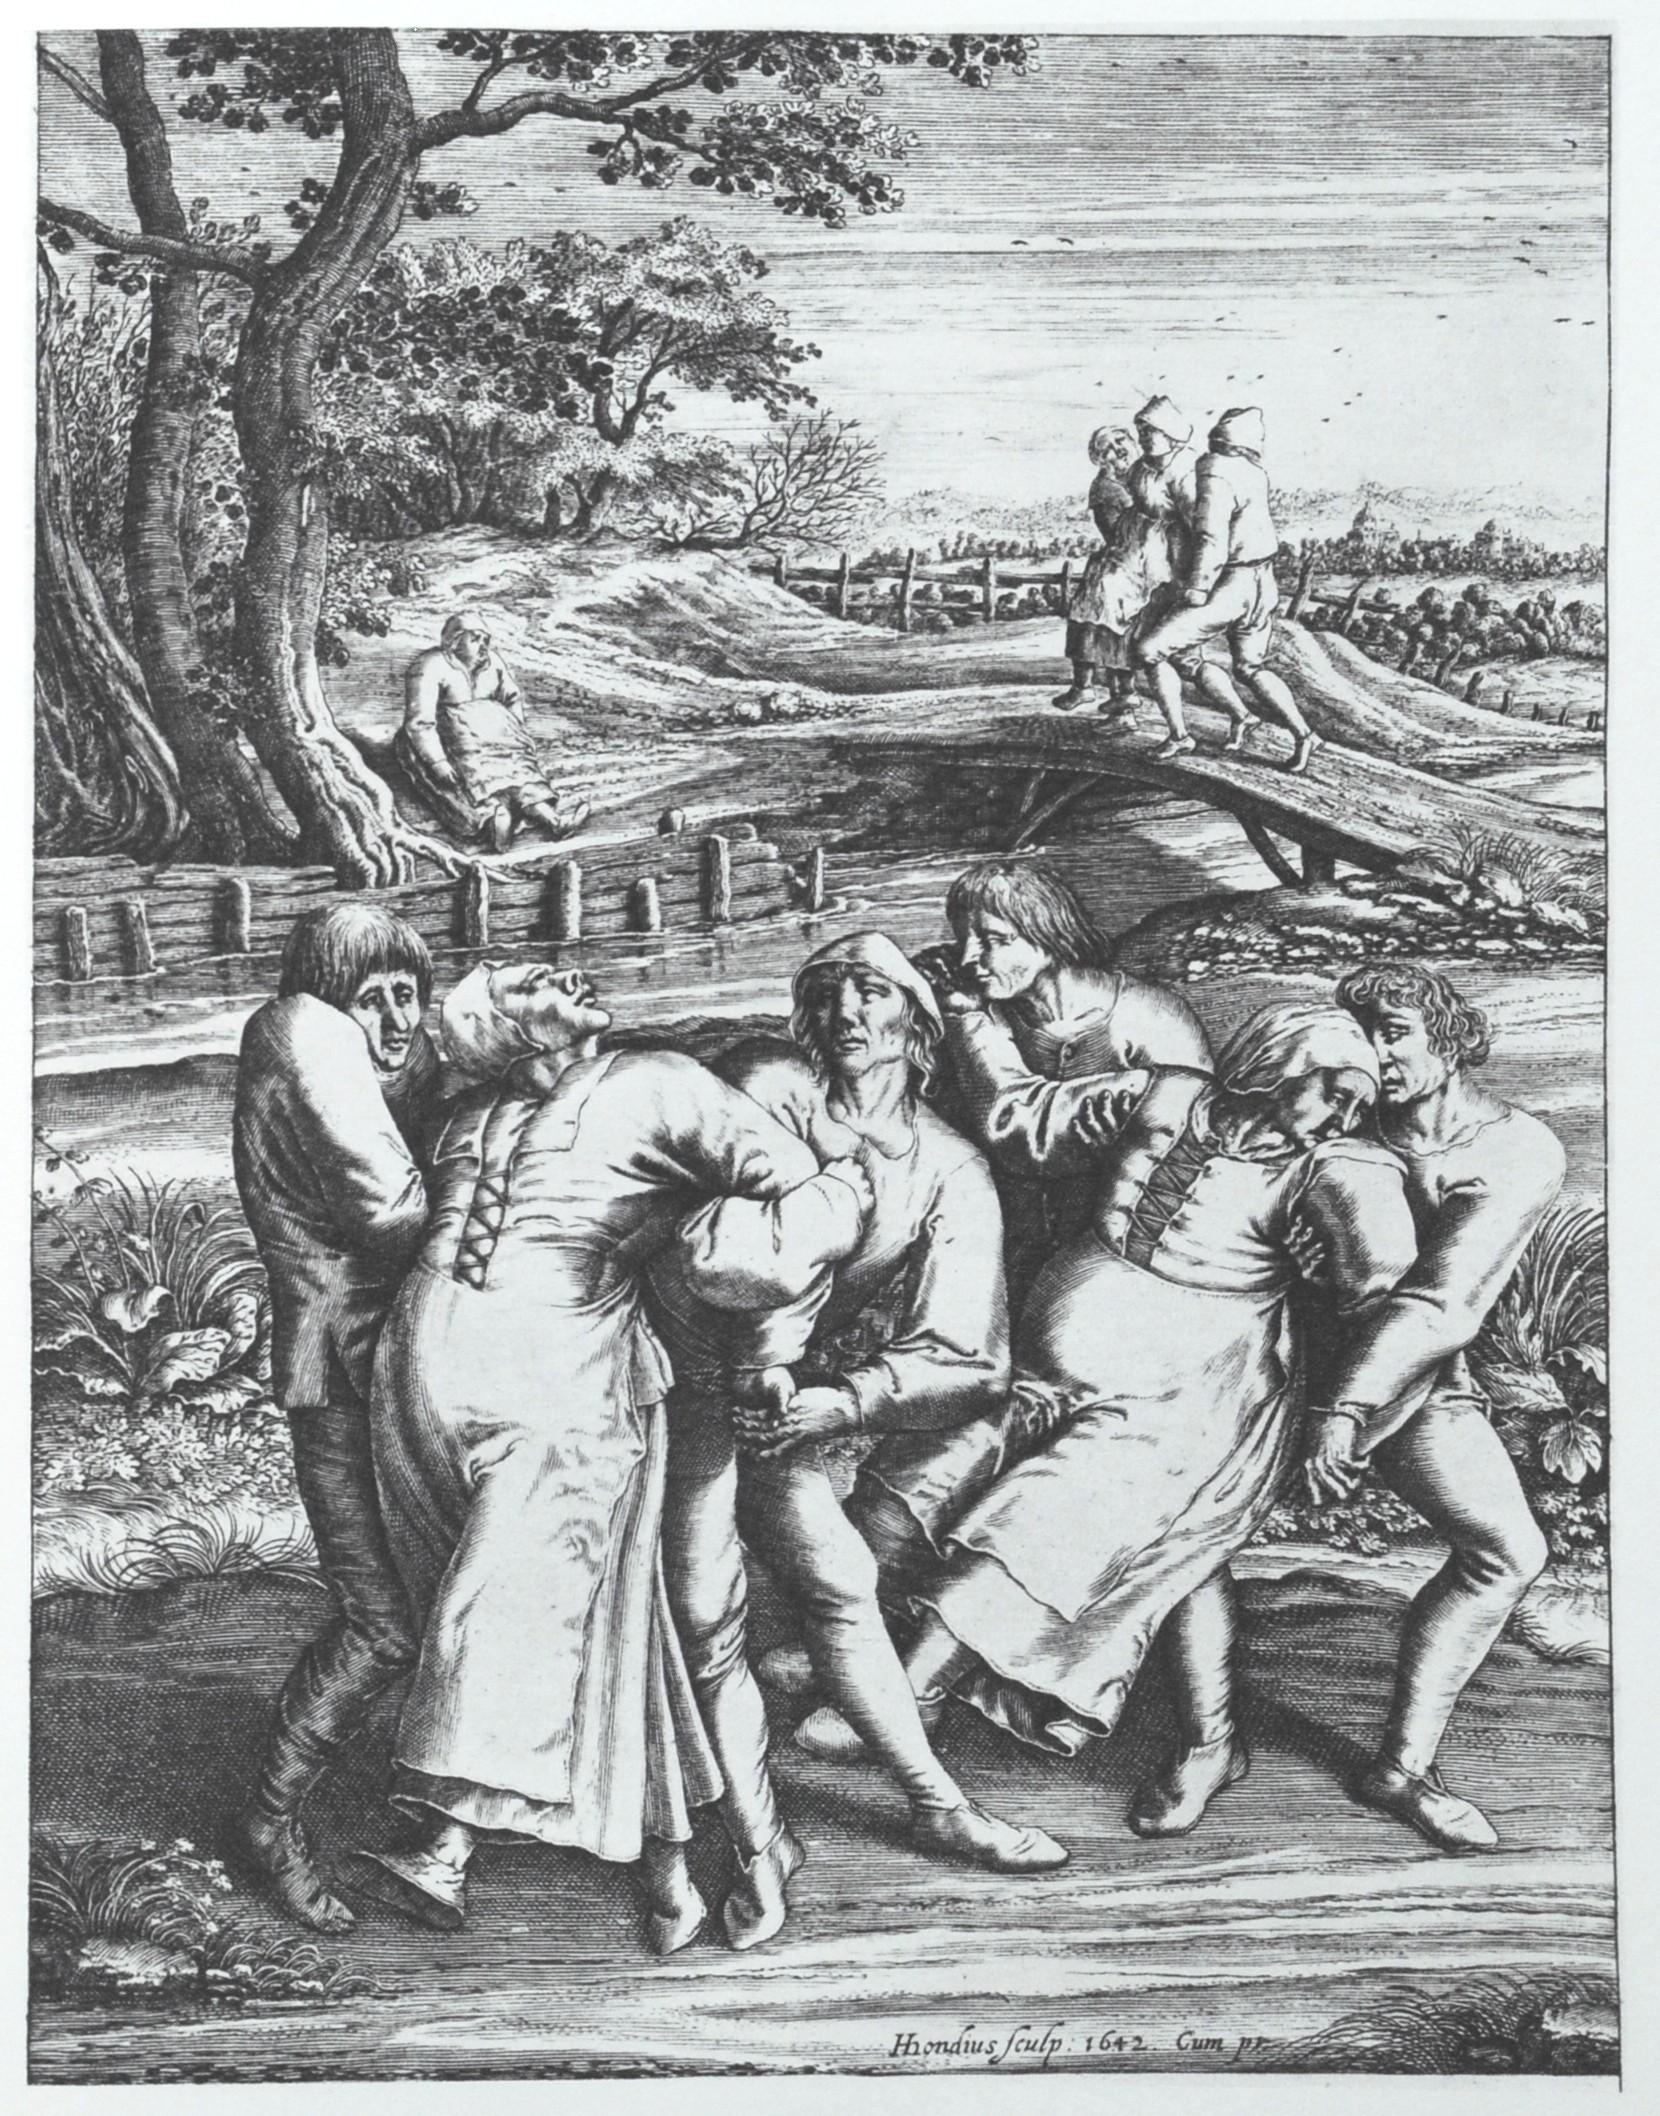 (Foto: Pieter Brueghel the Elder (1526/1530–1569) - Pieter Bruegel d. Ä. - Das gesamte graphische Werk. Wien-München: Schroll [o. J.], Abb. Nr. 124 (Scan durch H.-P.Haack, Leipzig))